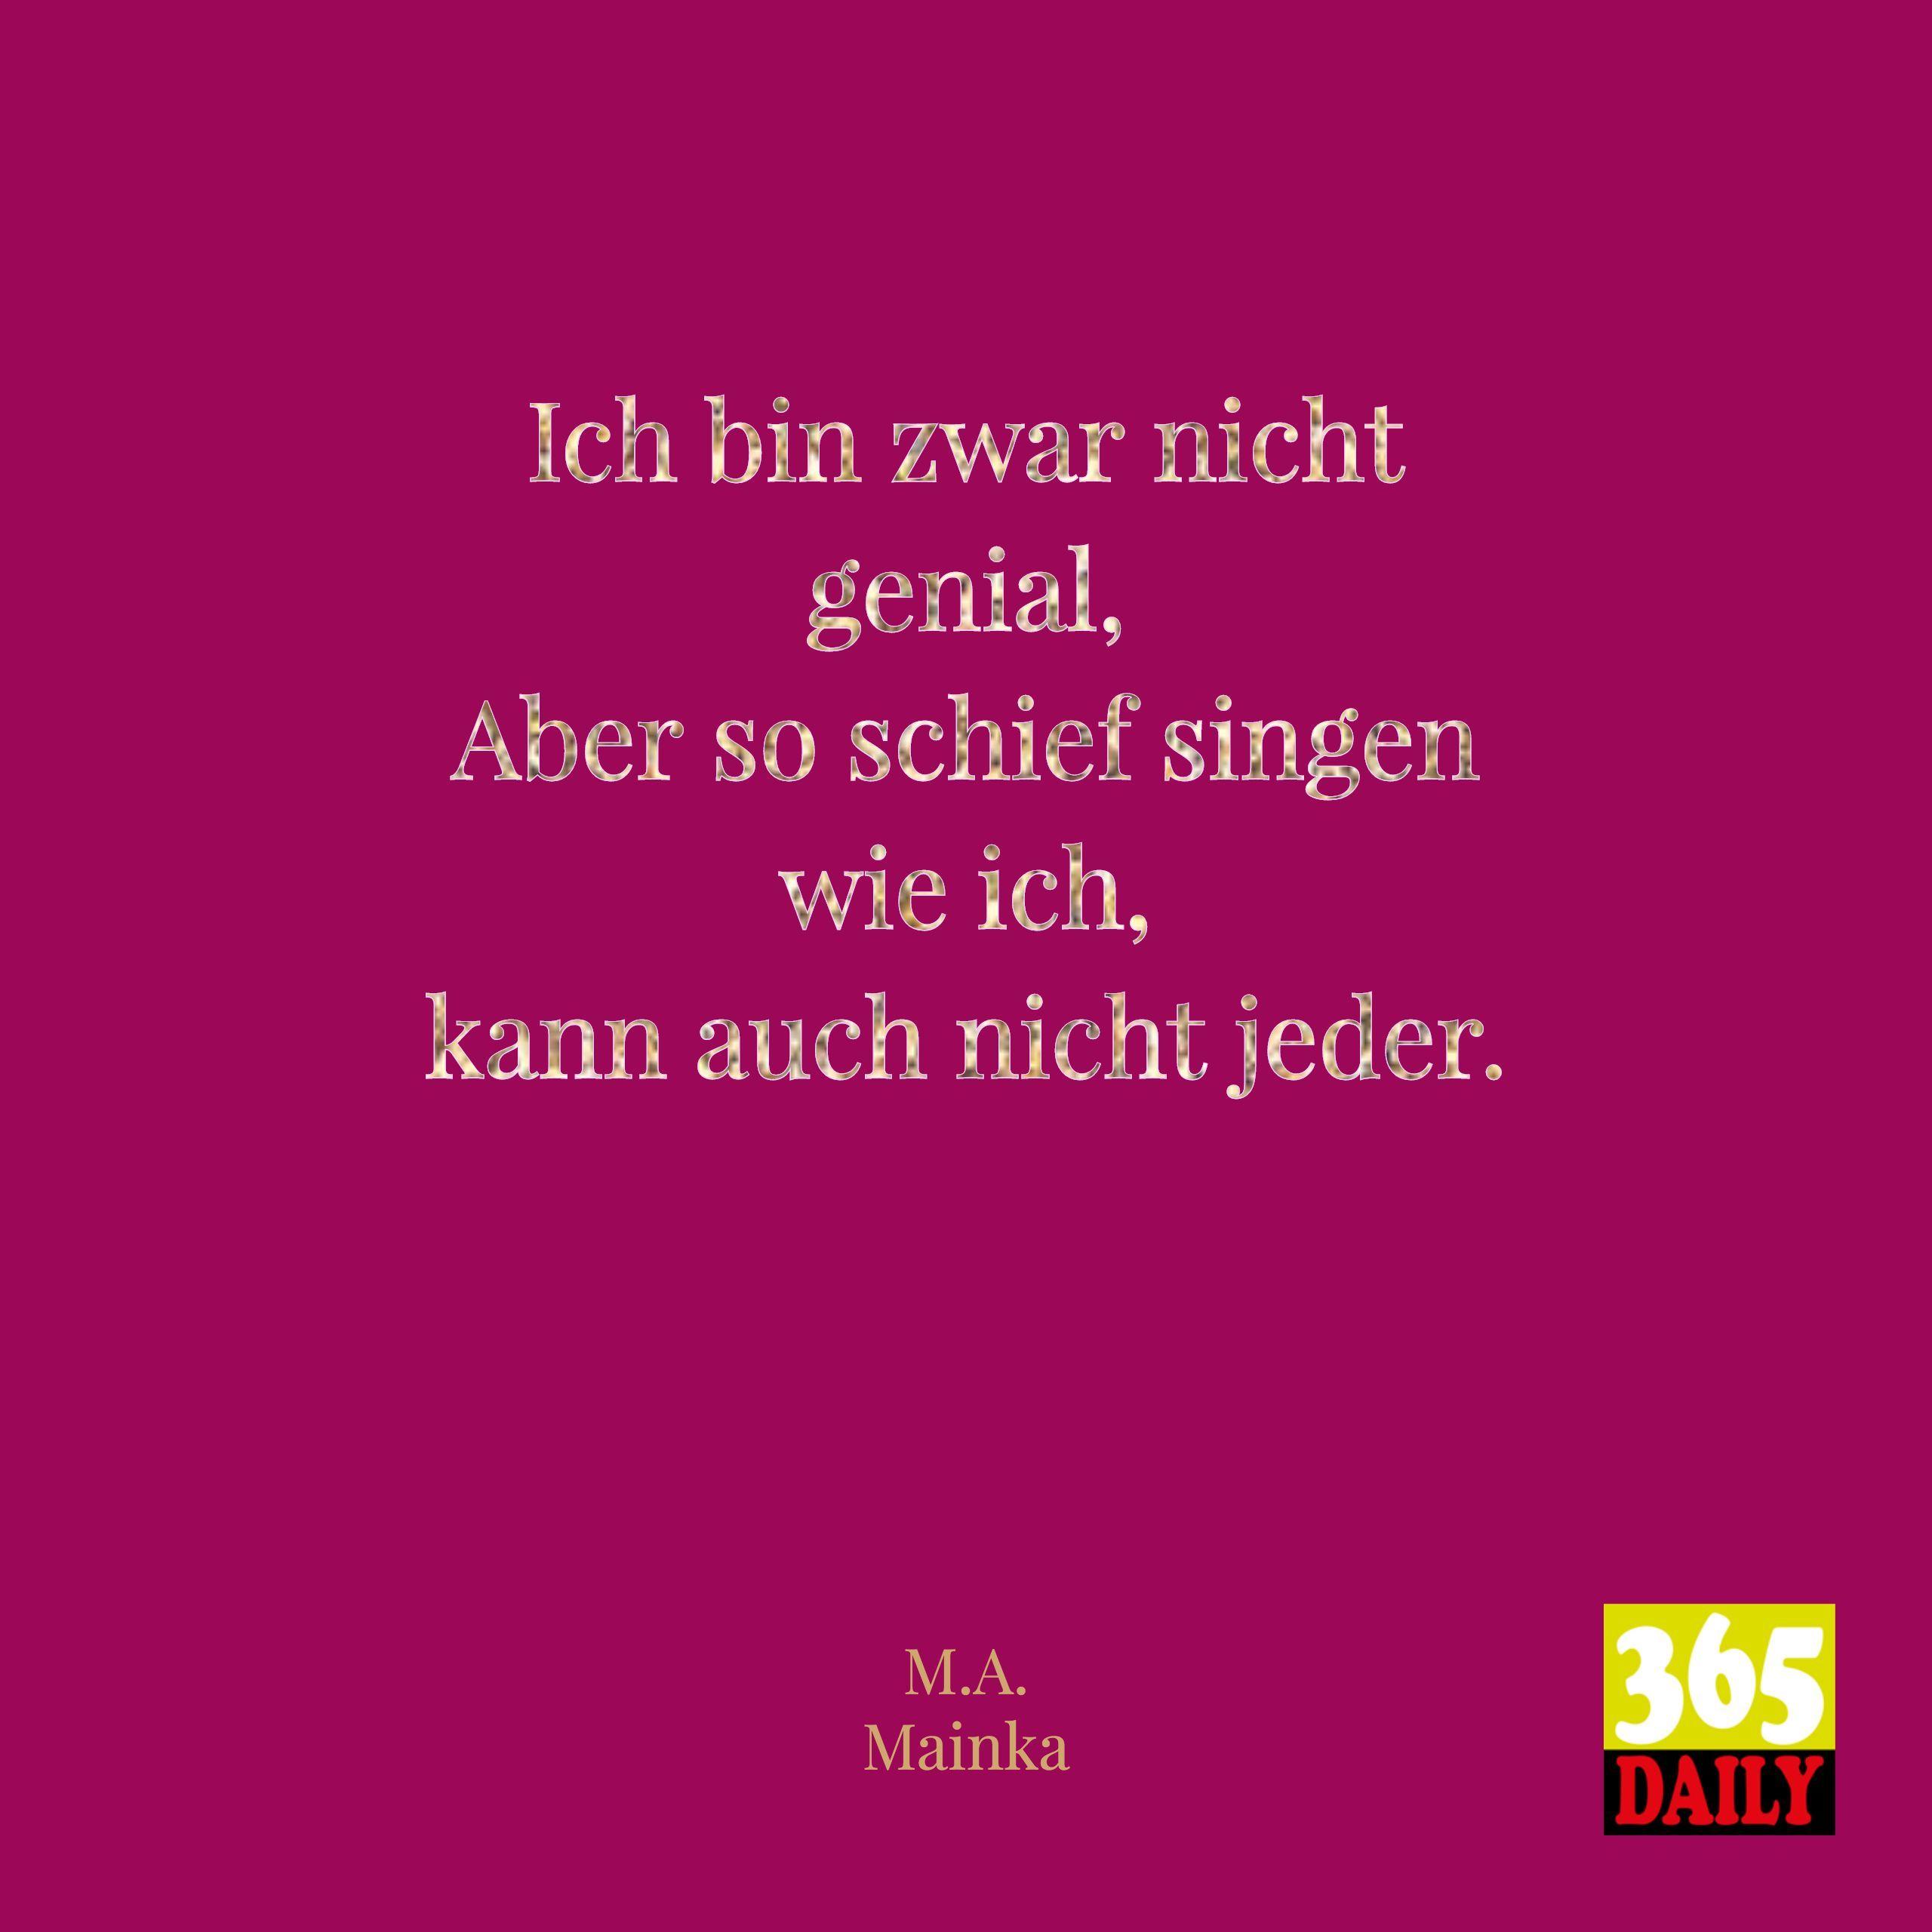 Ich Bin Zwar Nicht Genial Aber So Schief Singen Wie Ich Kann Auch Nicht Jeder Sanger Oper Genial Selbstuberschat Weisheiten Klugscheisser Tagesspruch